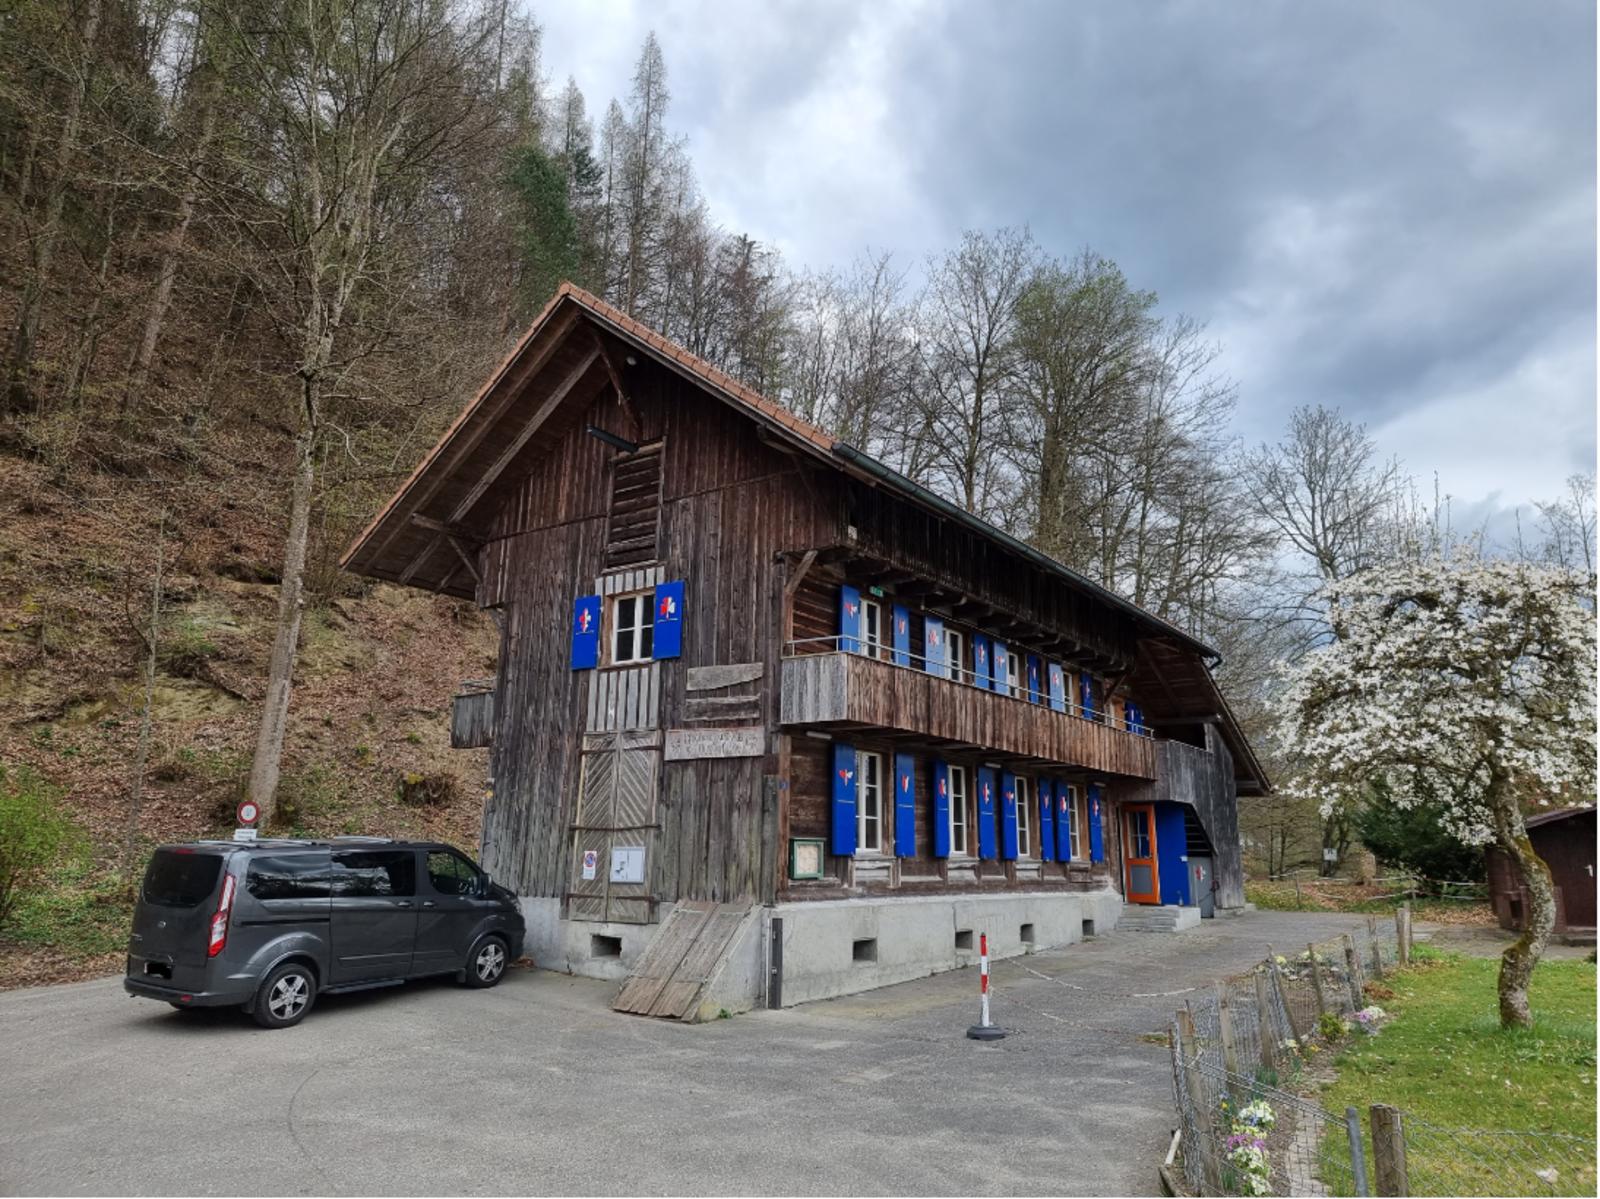 Pfadiheim Waldegg, 3400 Burgdorf - 9512 - Aussenansicht